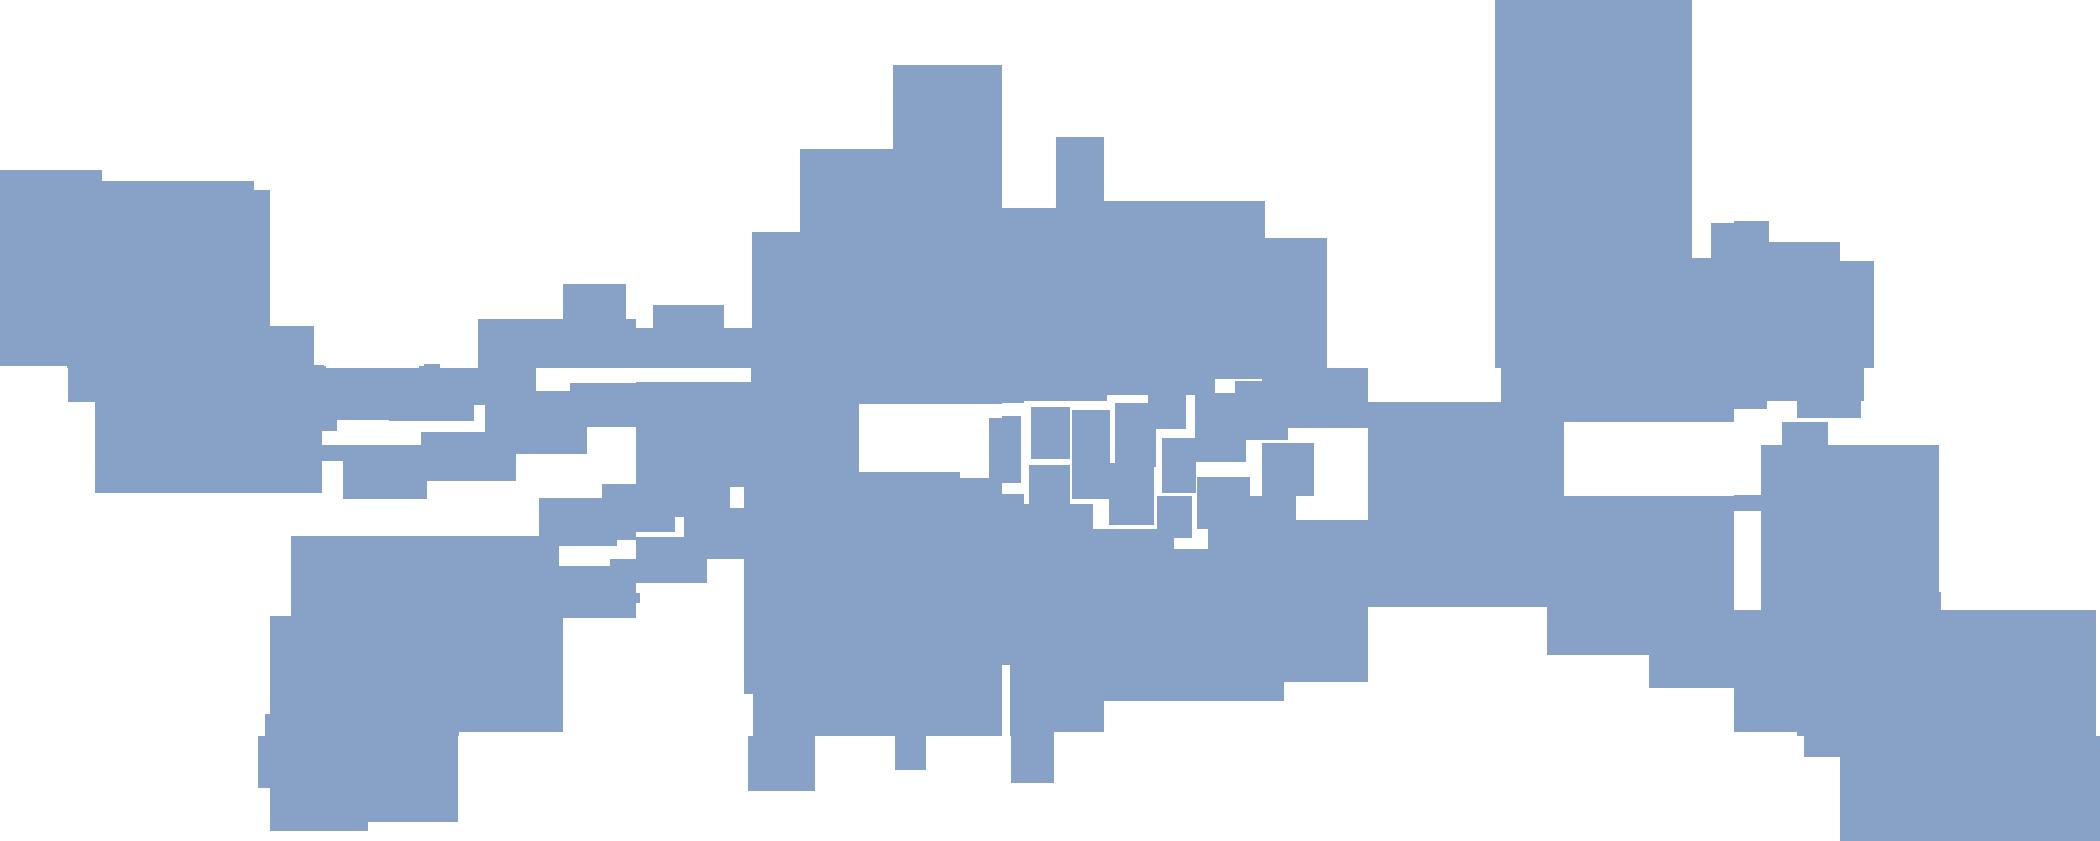 rivers-speak-merman-twins-reworked (1).png